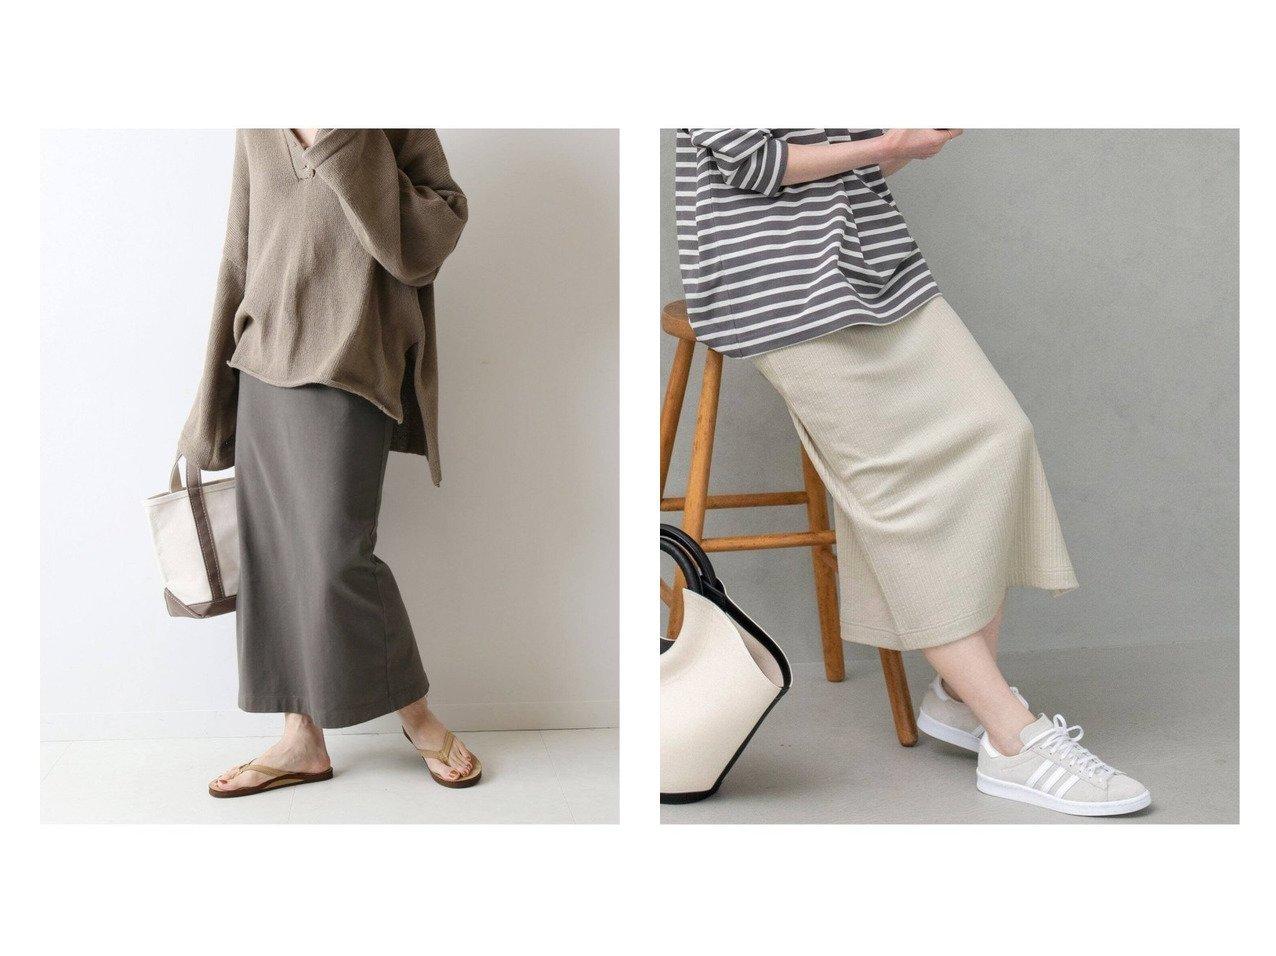 【IENA/イエナ】のランダムリブカットスカート&【FRAMeWORK/フレームワーク】のベア天竺タイトスカート 【スカート】おすすめ!人気、トレンド・レディースファッションの通販 おすすめで人気の流行・トレンド、ファッションの通販商品 メンズファッション・キッズファッション・インテリア・家具・レディースファッション・服の通販 founy(ファニー) https://founy.com/ ファッション Fashion レディースファッション WOMEN スカート Skirt ロングスカート Long Skirt くるぶし ストレート スリット フィット ロング 2021年 2021 S/S・春夏 SS・Spring/Summer 2021春夏・S/S SS/Spring/Summer/2021 NEW・新作・新着・新入荷 New Arrivals コンパクト 人気 |ID:crp329100000035445